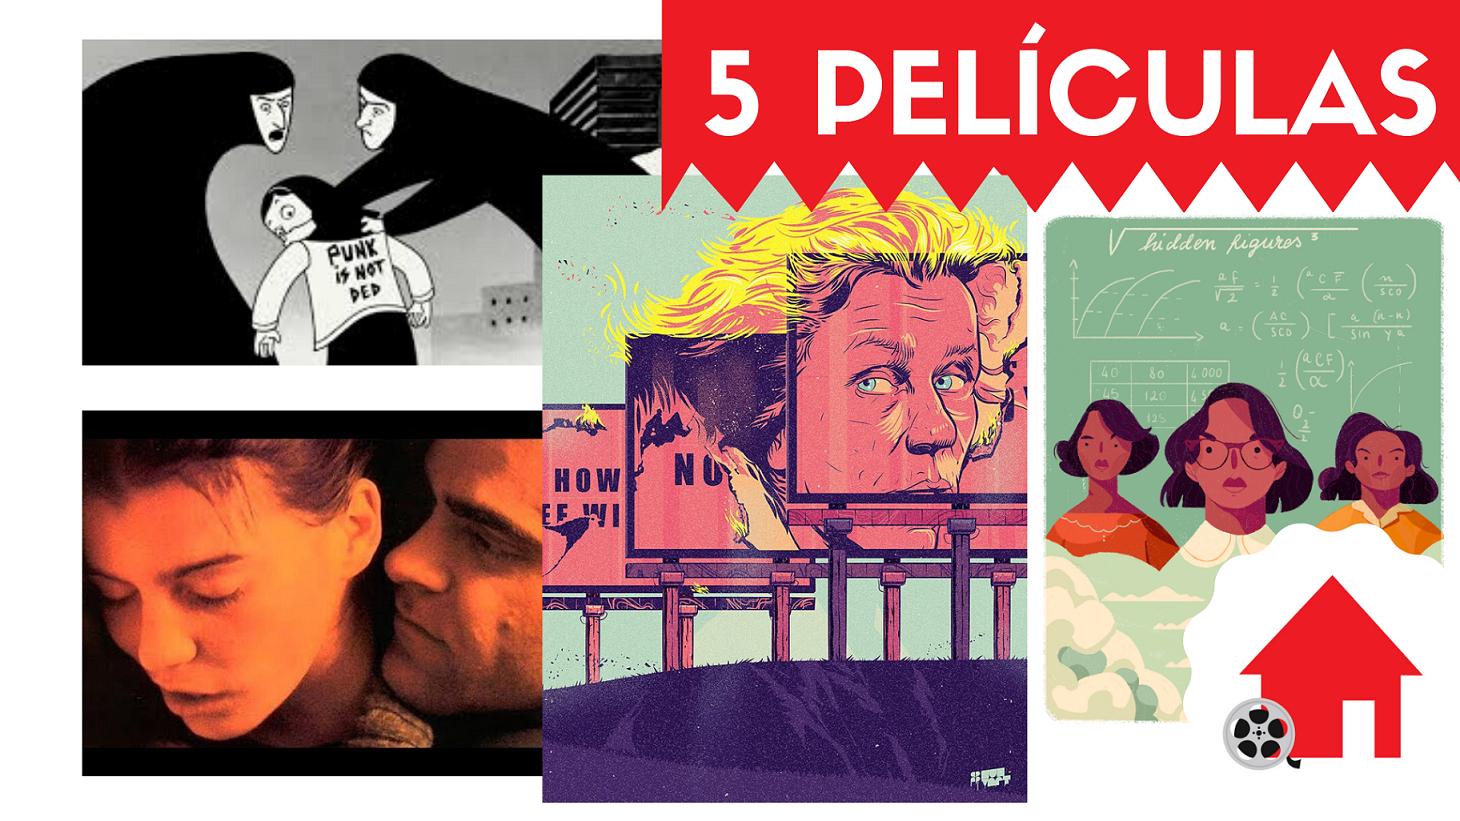 5 películas: sobre la generación igualdad